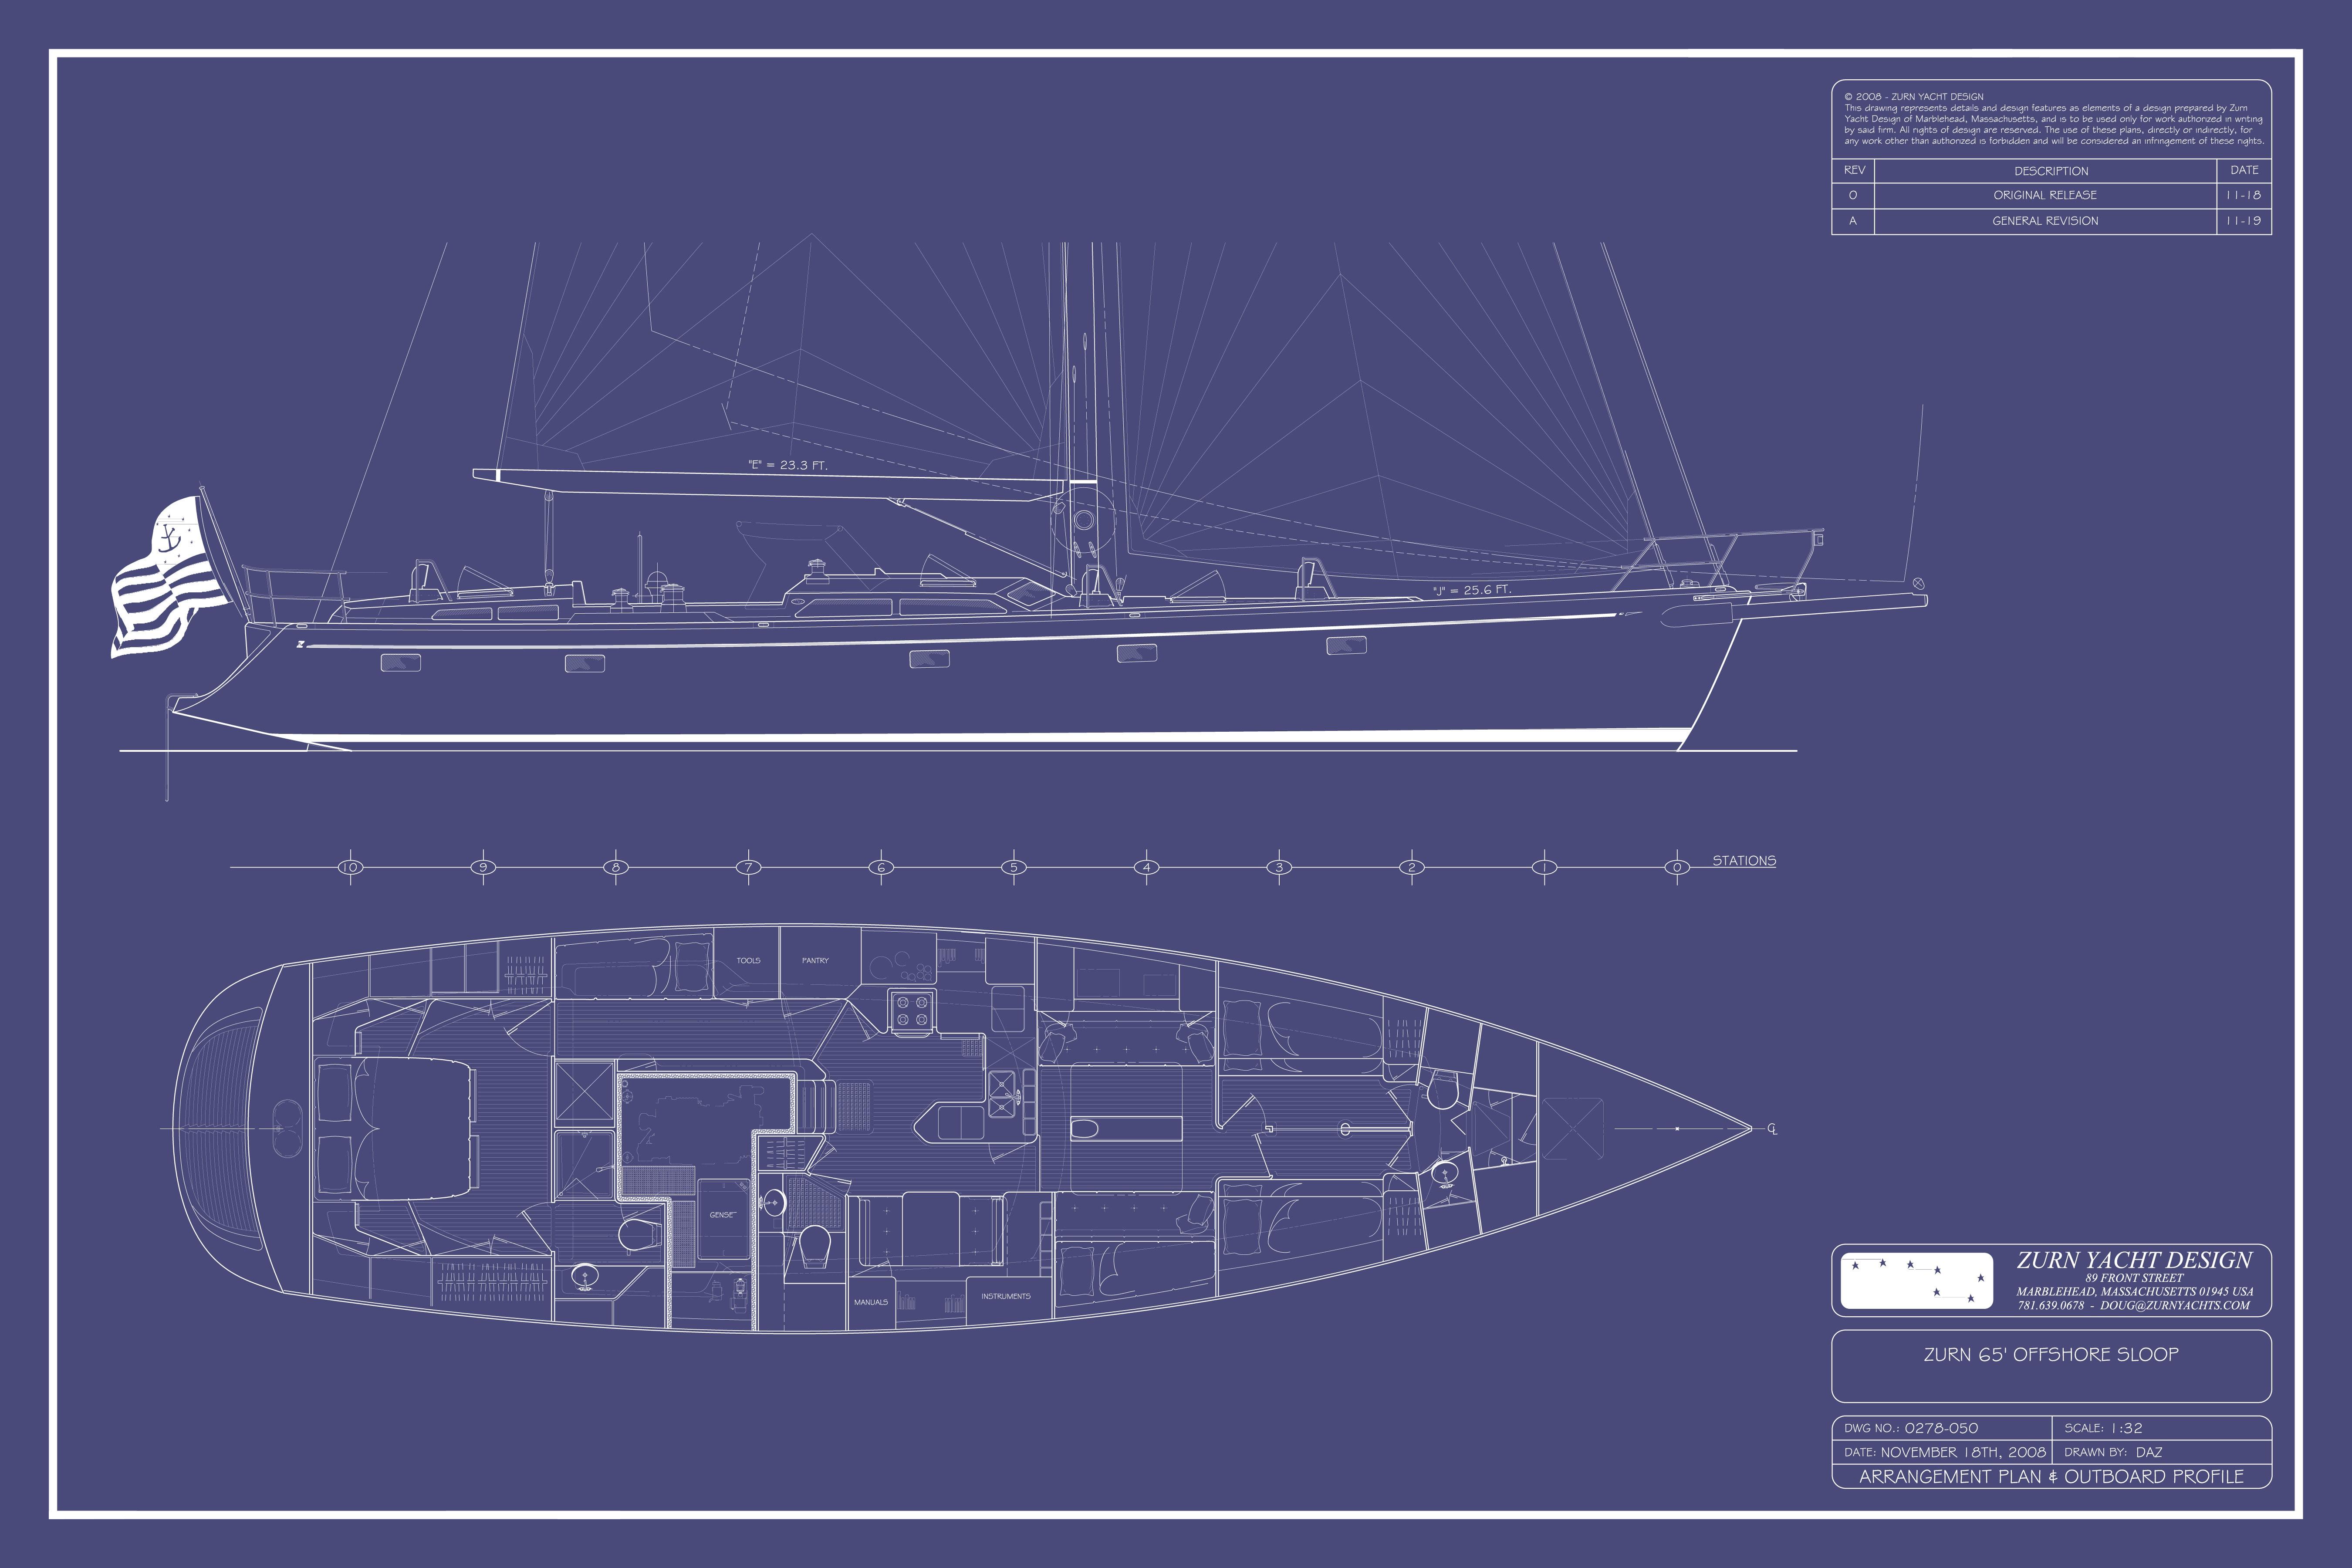 Design 0278 Zurn 65 Yacht Mad Max Engine Diagram